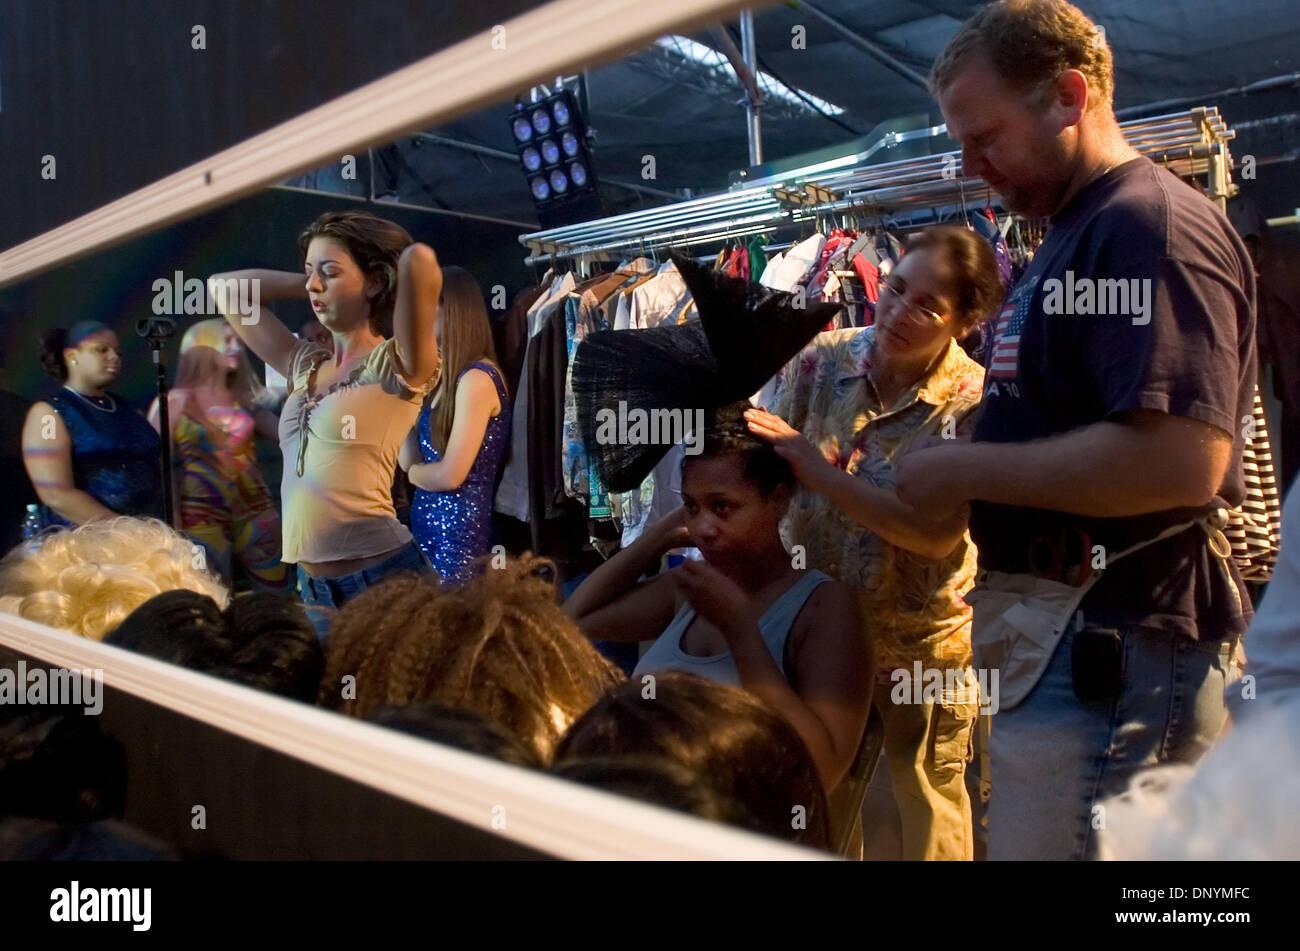 Aug 09, 2006; Los Angeles, CA, USA; Nina Pinckard et Brian aide Bjorgum Carla Fleming dans son Patti LaBelle perruque Mercredi, le 9 août 2006 lors d'une répétition de l'État juste's Pop Rocks production à Cal Expo. L'extravaganza comprend chanson et moucheté d'Elvis à Madonna et défileront autour de la foire tous les soirs. Le salon ouvre ses portes au public vendredi. Crédit obligatoire: Pho Photo Stock